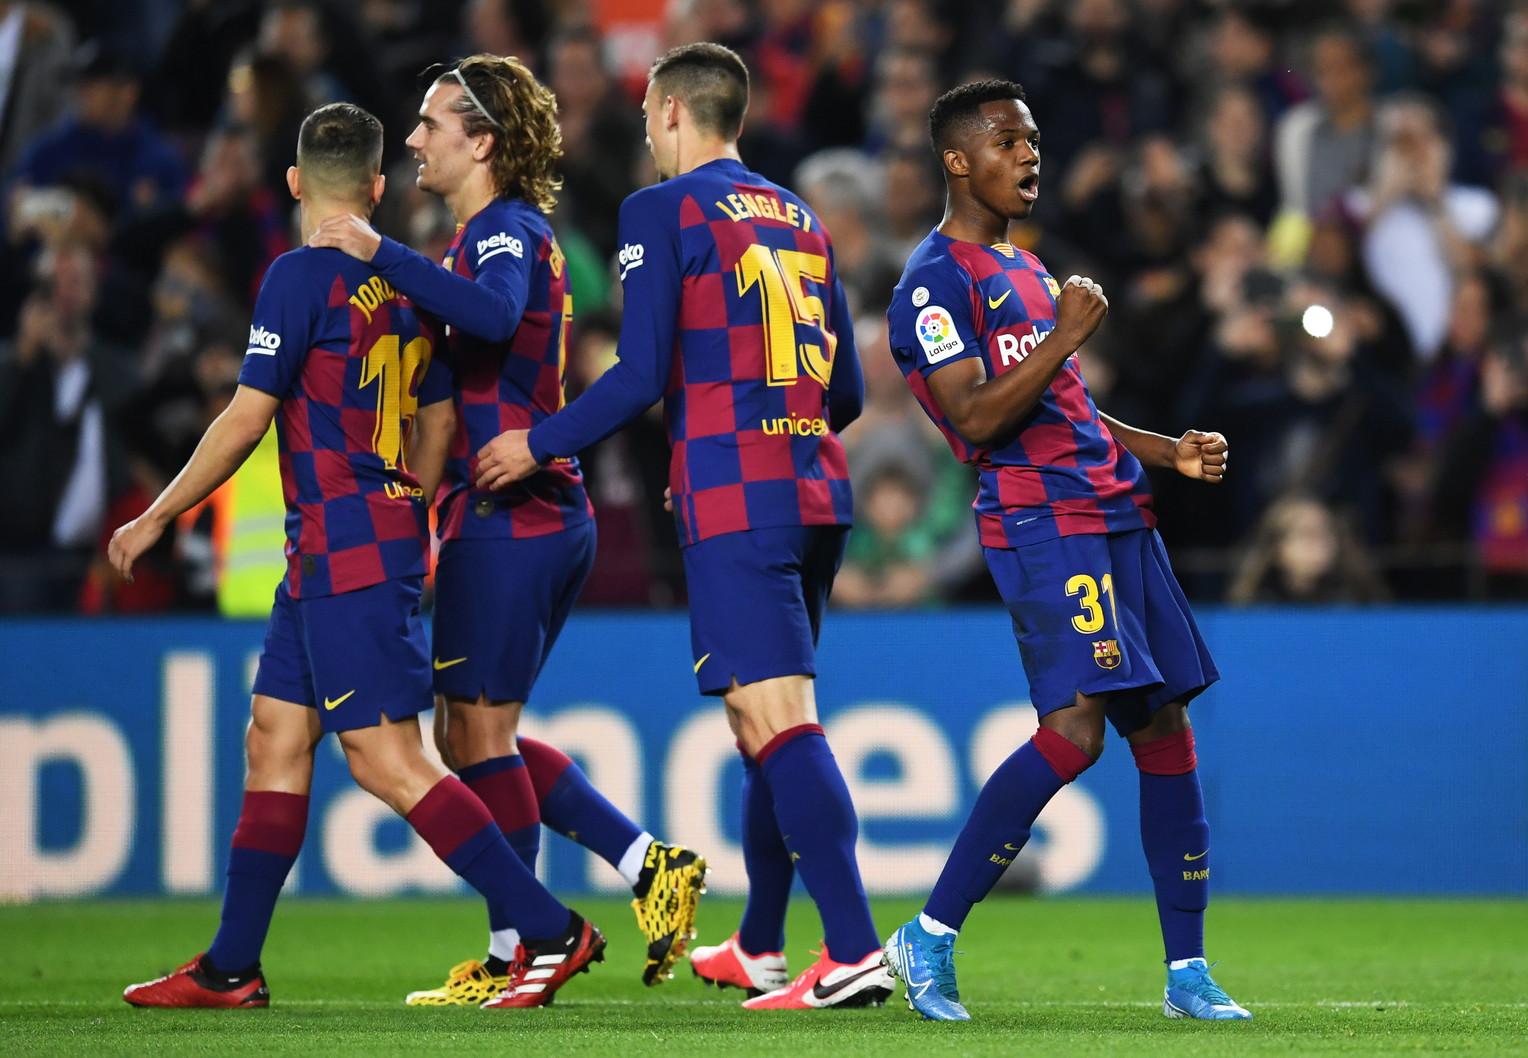 3) Barcellona -168 milioni (288 spesi, 122 guadagnati)